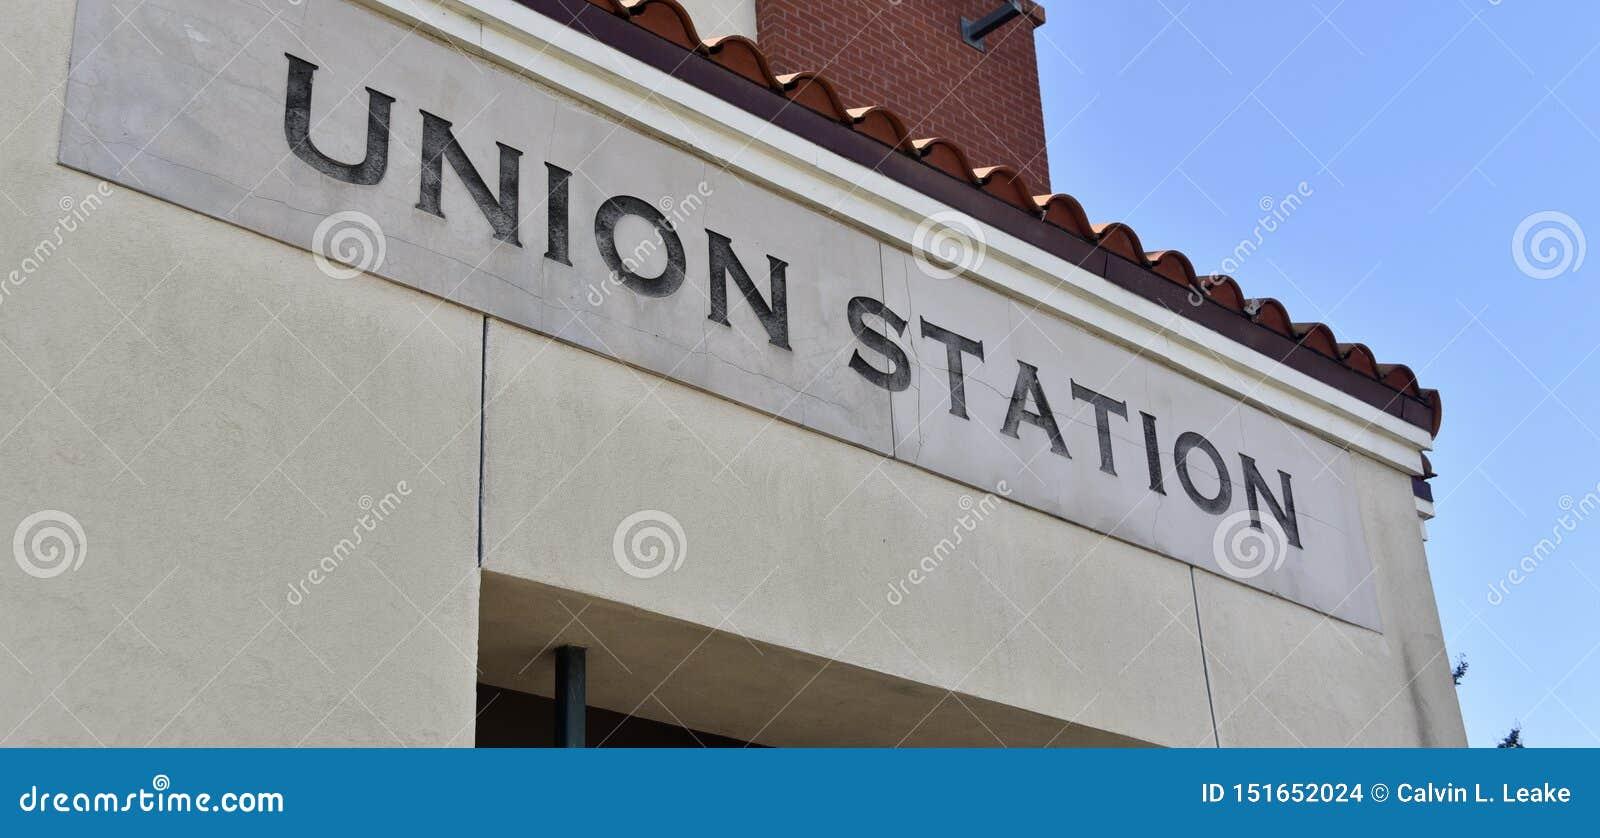 Станция соединения улавливая езду через поезд, автобус, Uber или Lyft